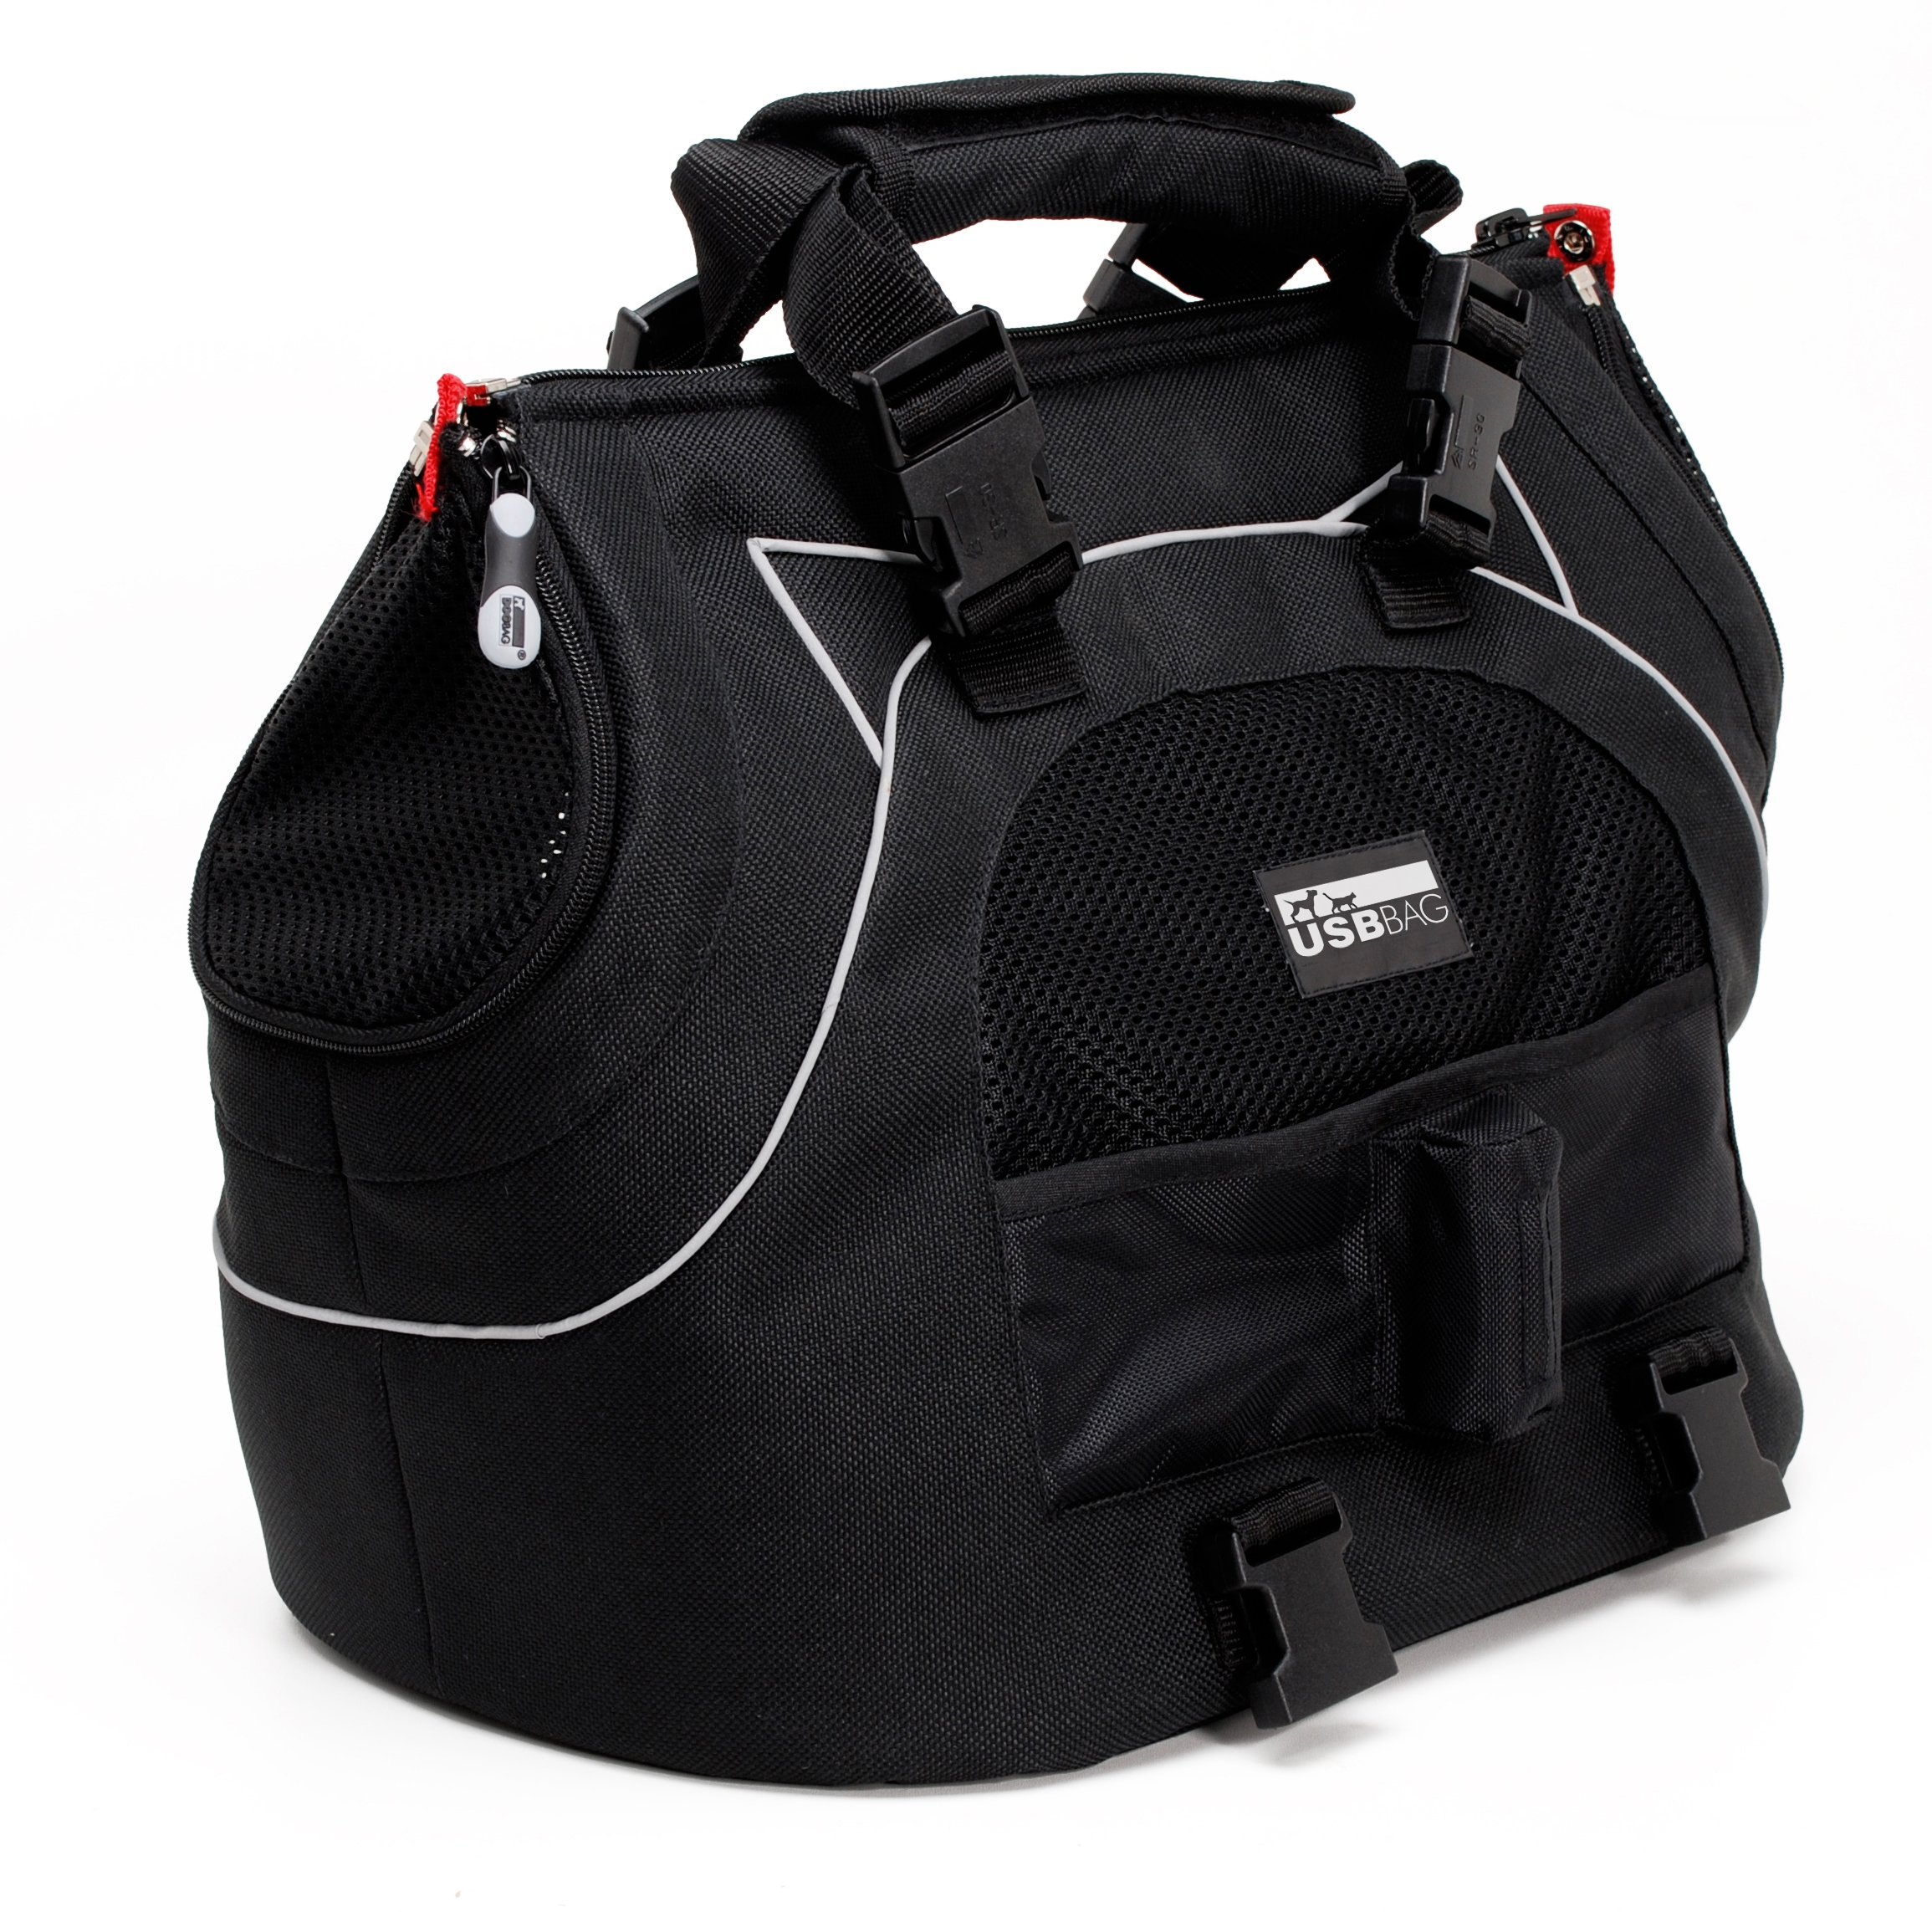 Petego Universal Sport Bag Plus Pet Carrier, Black Label by Petego